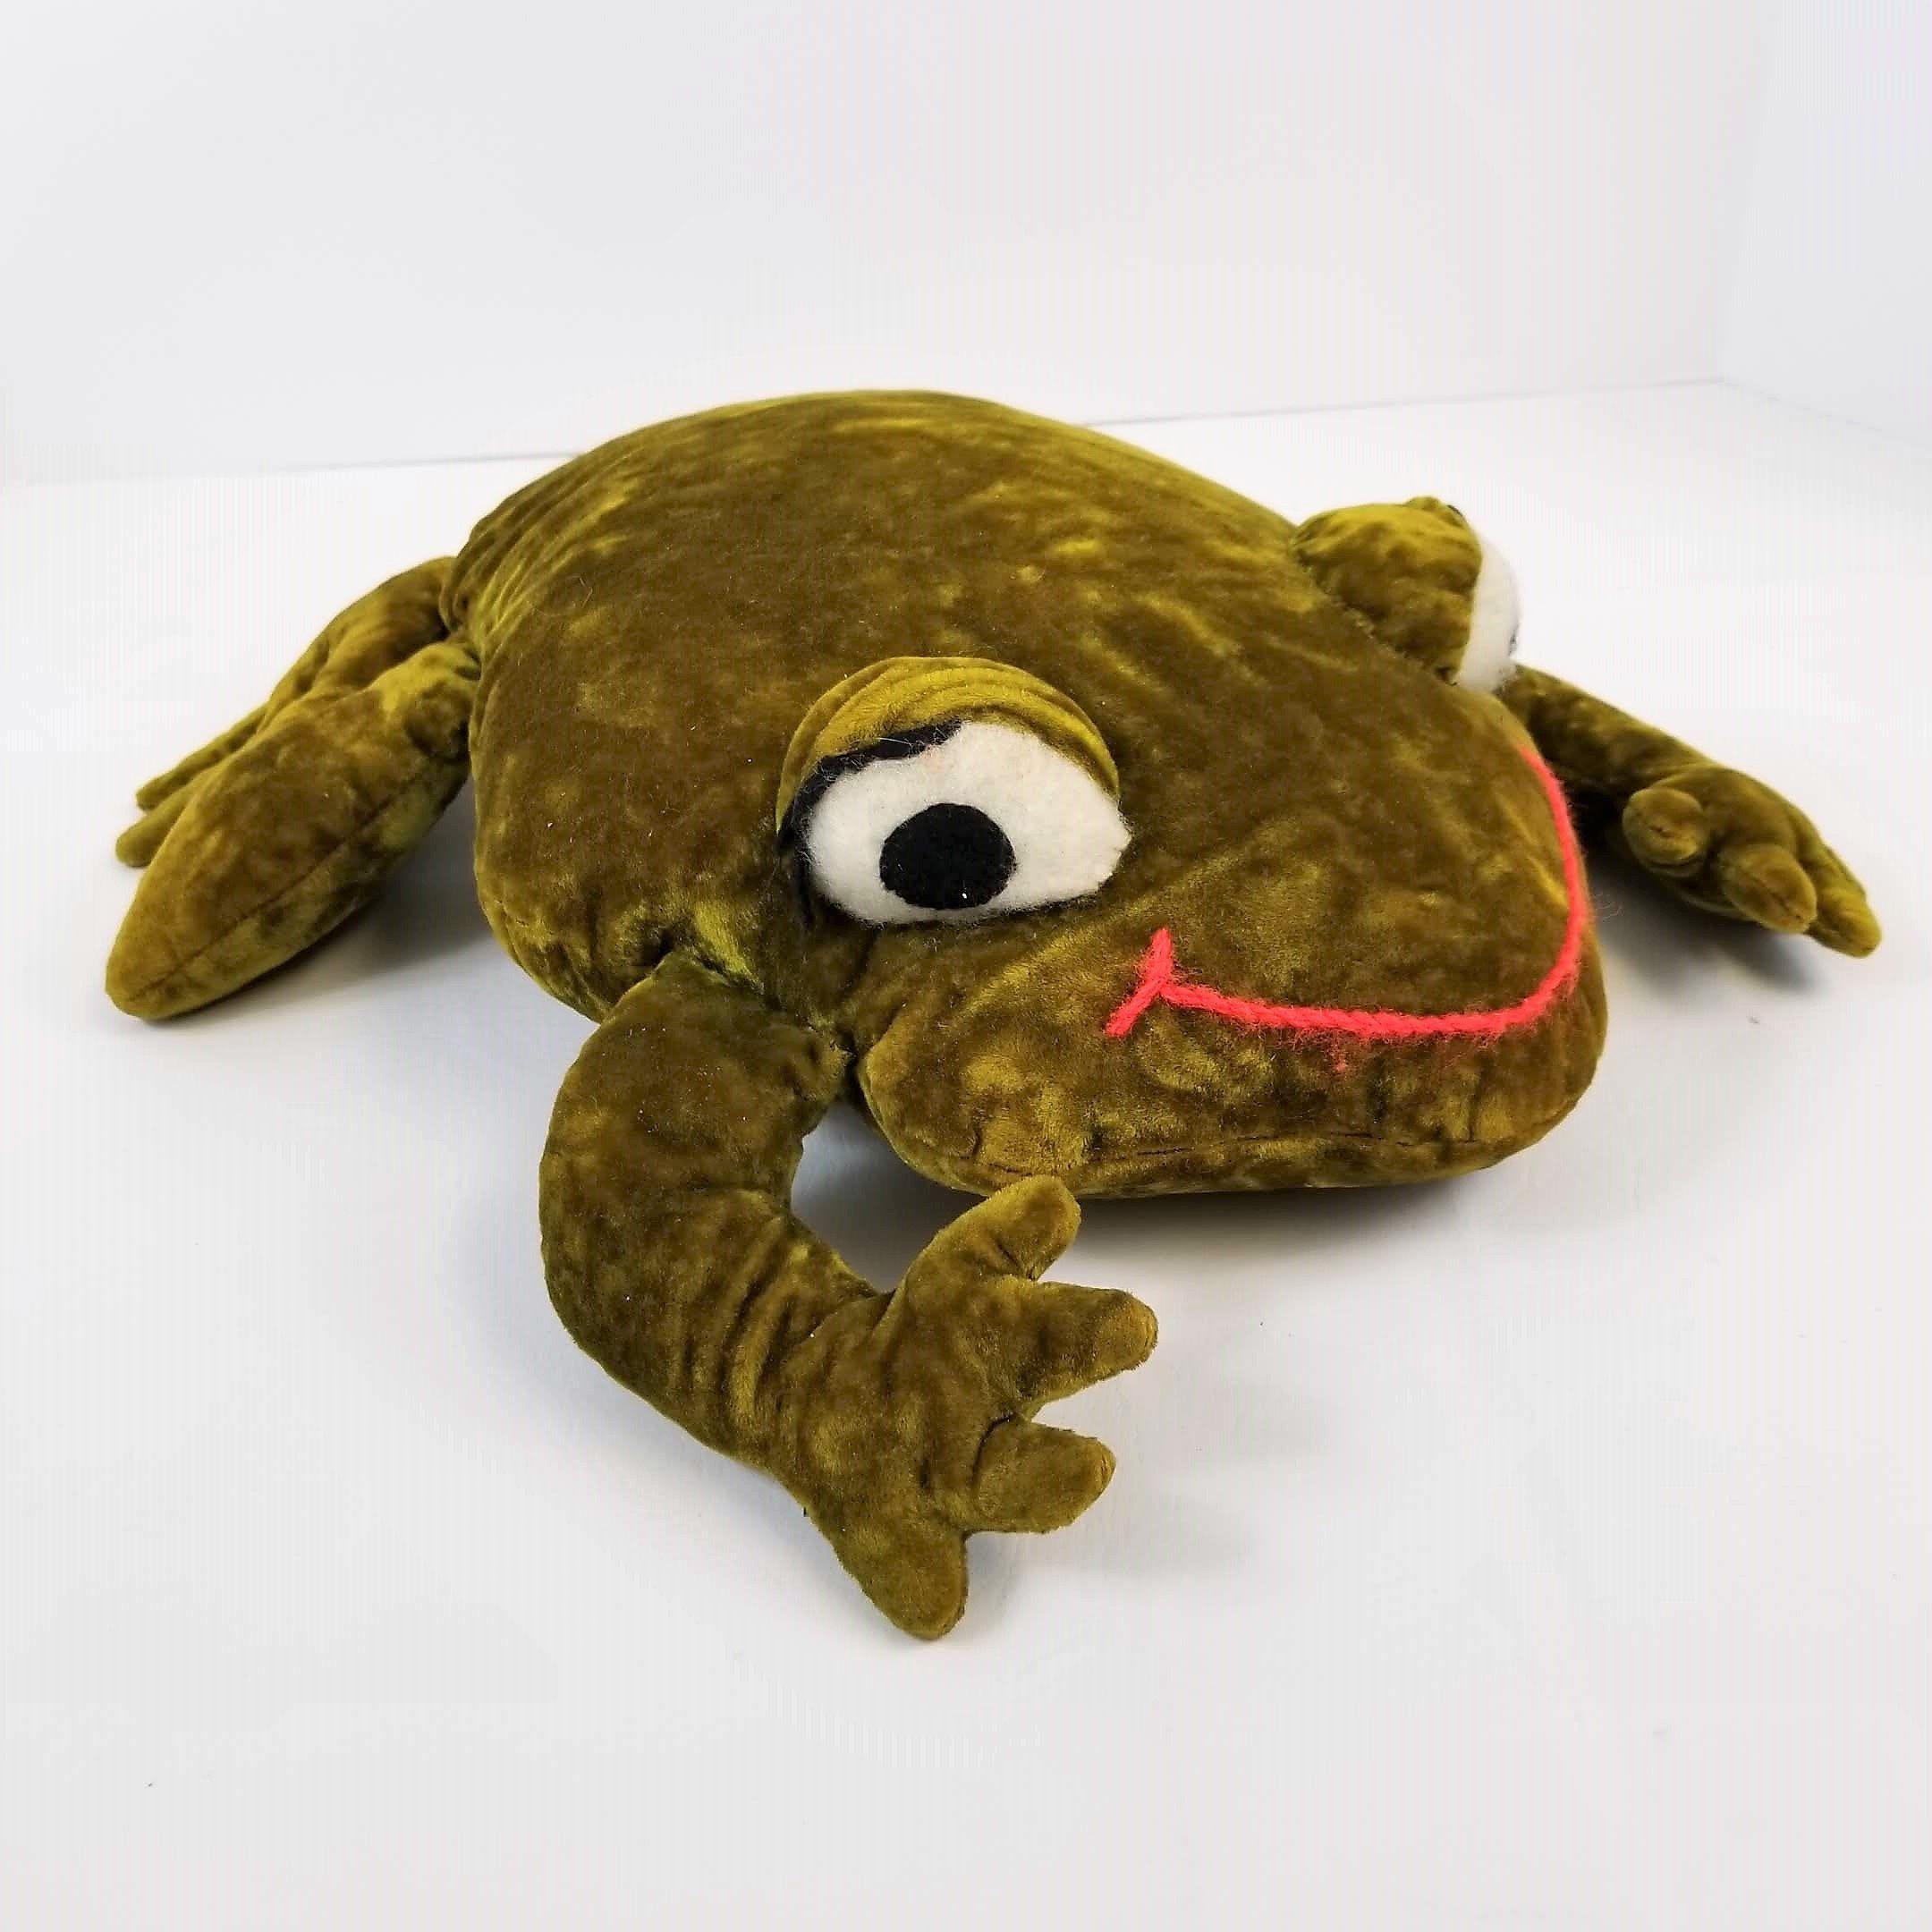 6c7d0d71717fa5 Vintage Green Velvet Frog Stuffed Animal Plush Pillow Big Eyes Handmade by  TraSheeWomen on Etsy